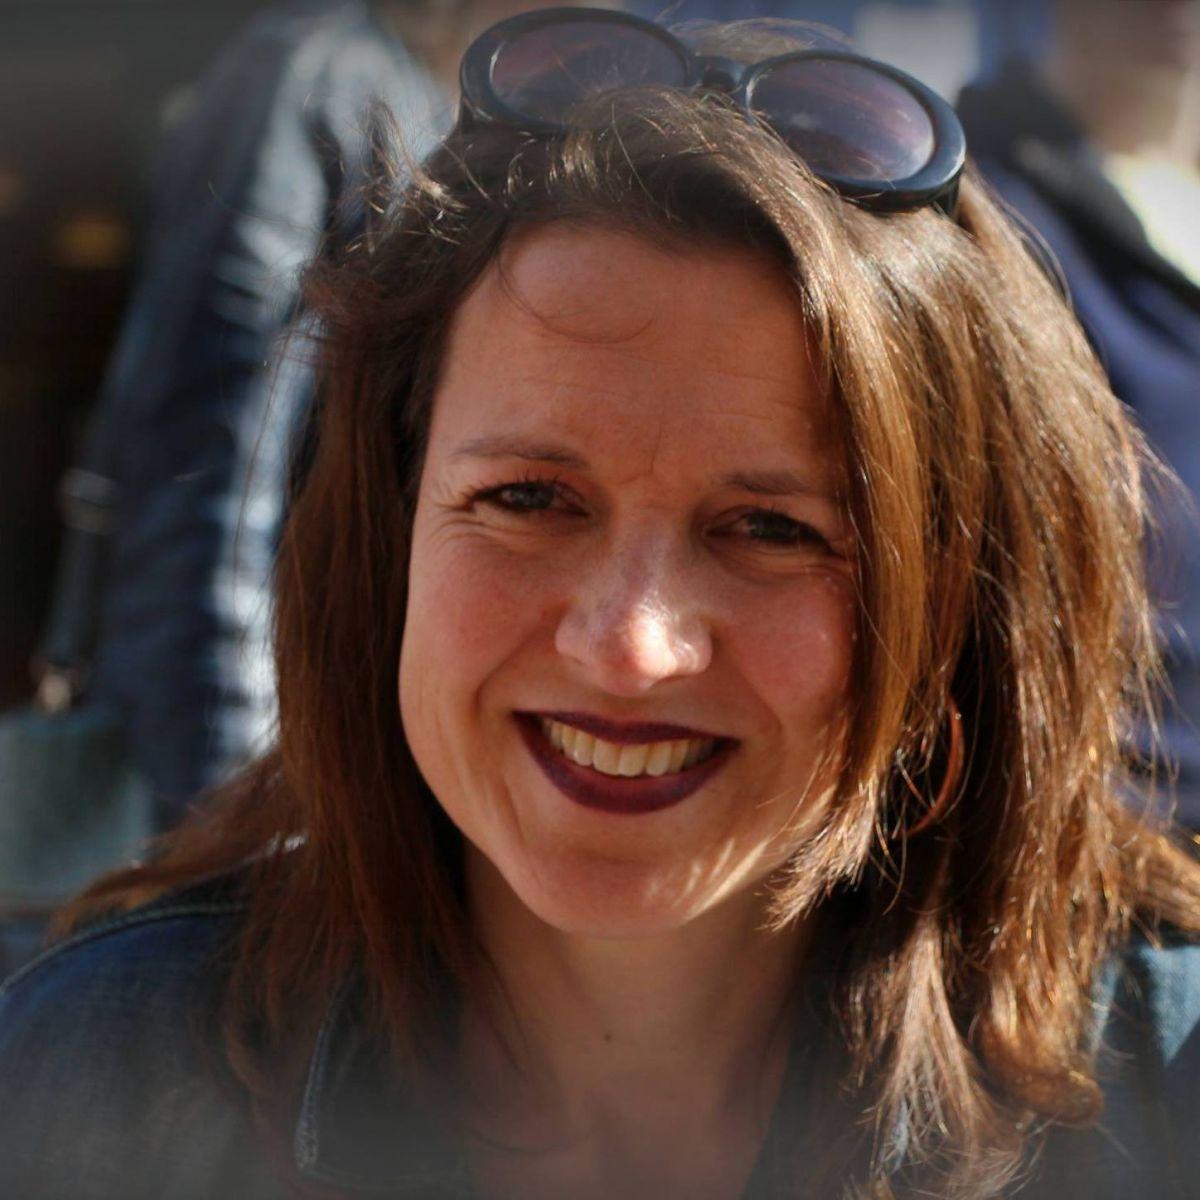 47 jarige vrouw uit Gits West-Vlaanderen zoekt man voor Spannend contact, Cybersex, Vriendschap, Rollenspe